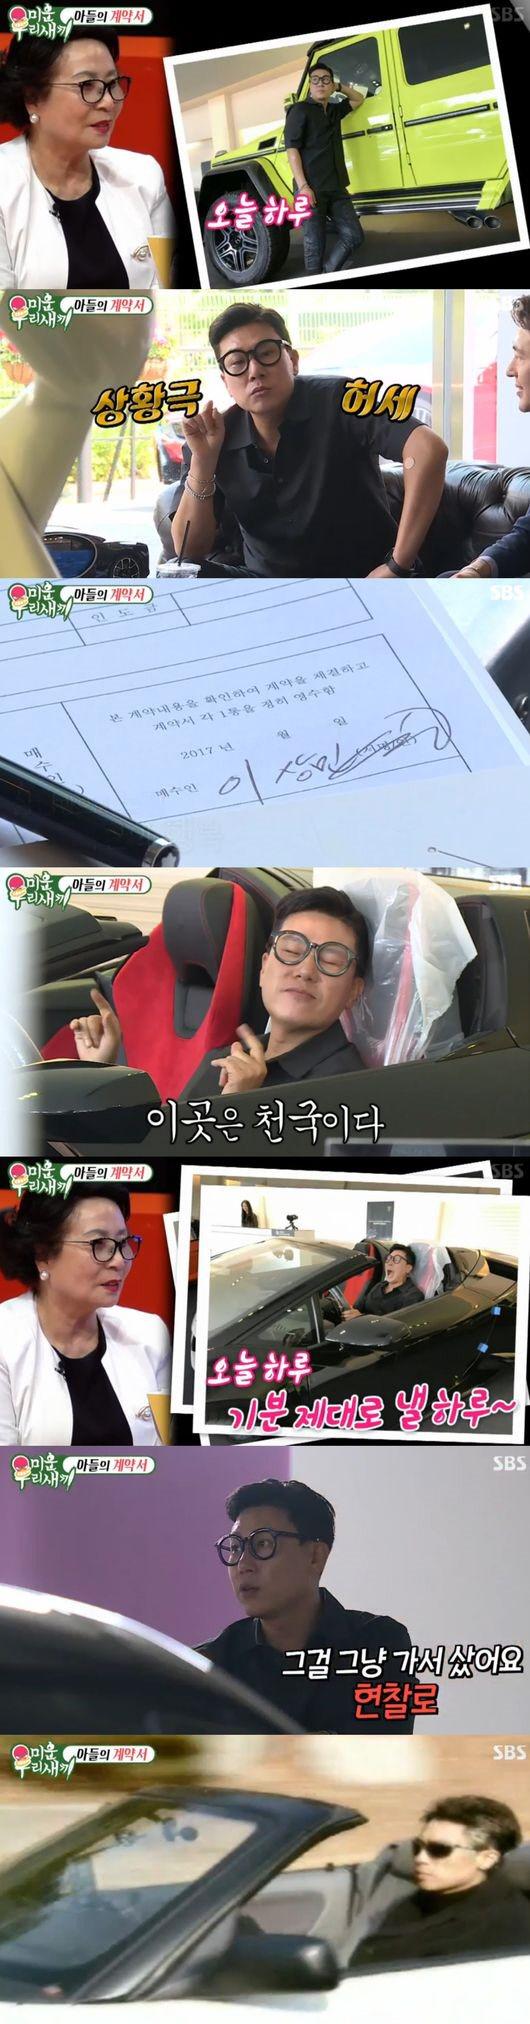 `궁셔리` 이상민의 얄밉지 않은 허세 (feat. 슈퍼카)